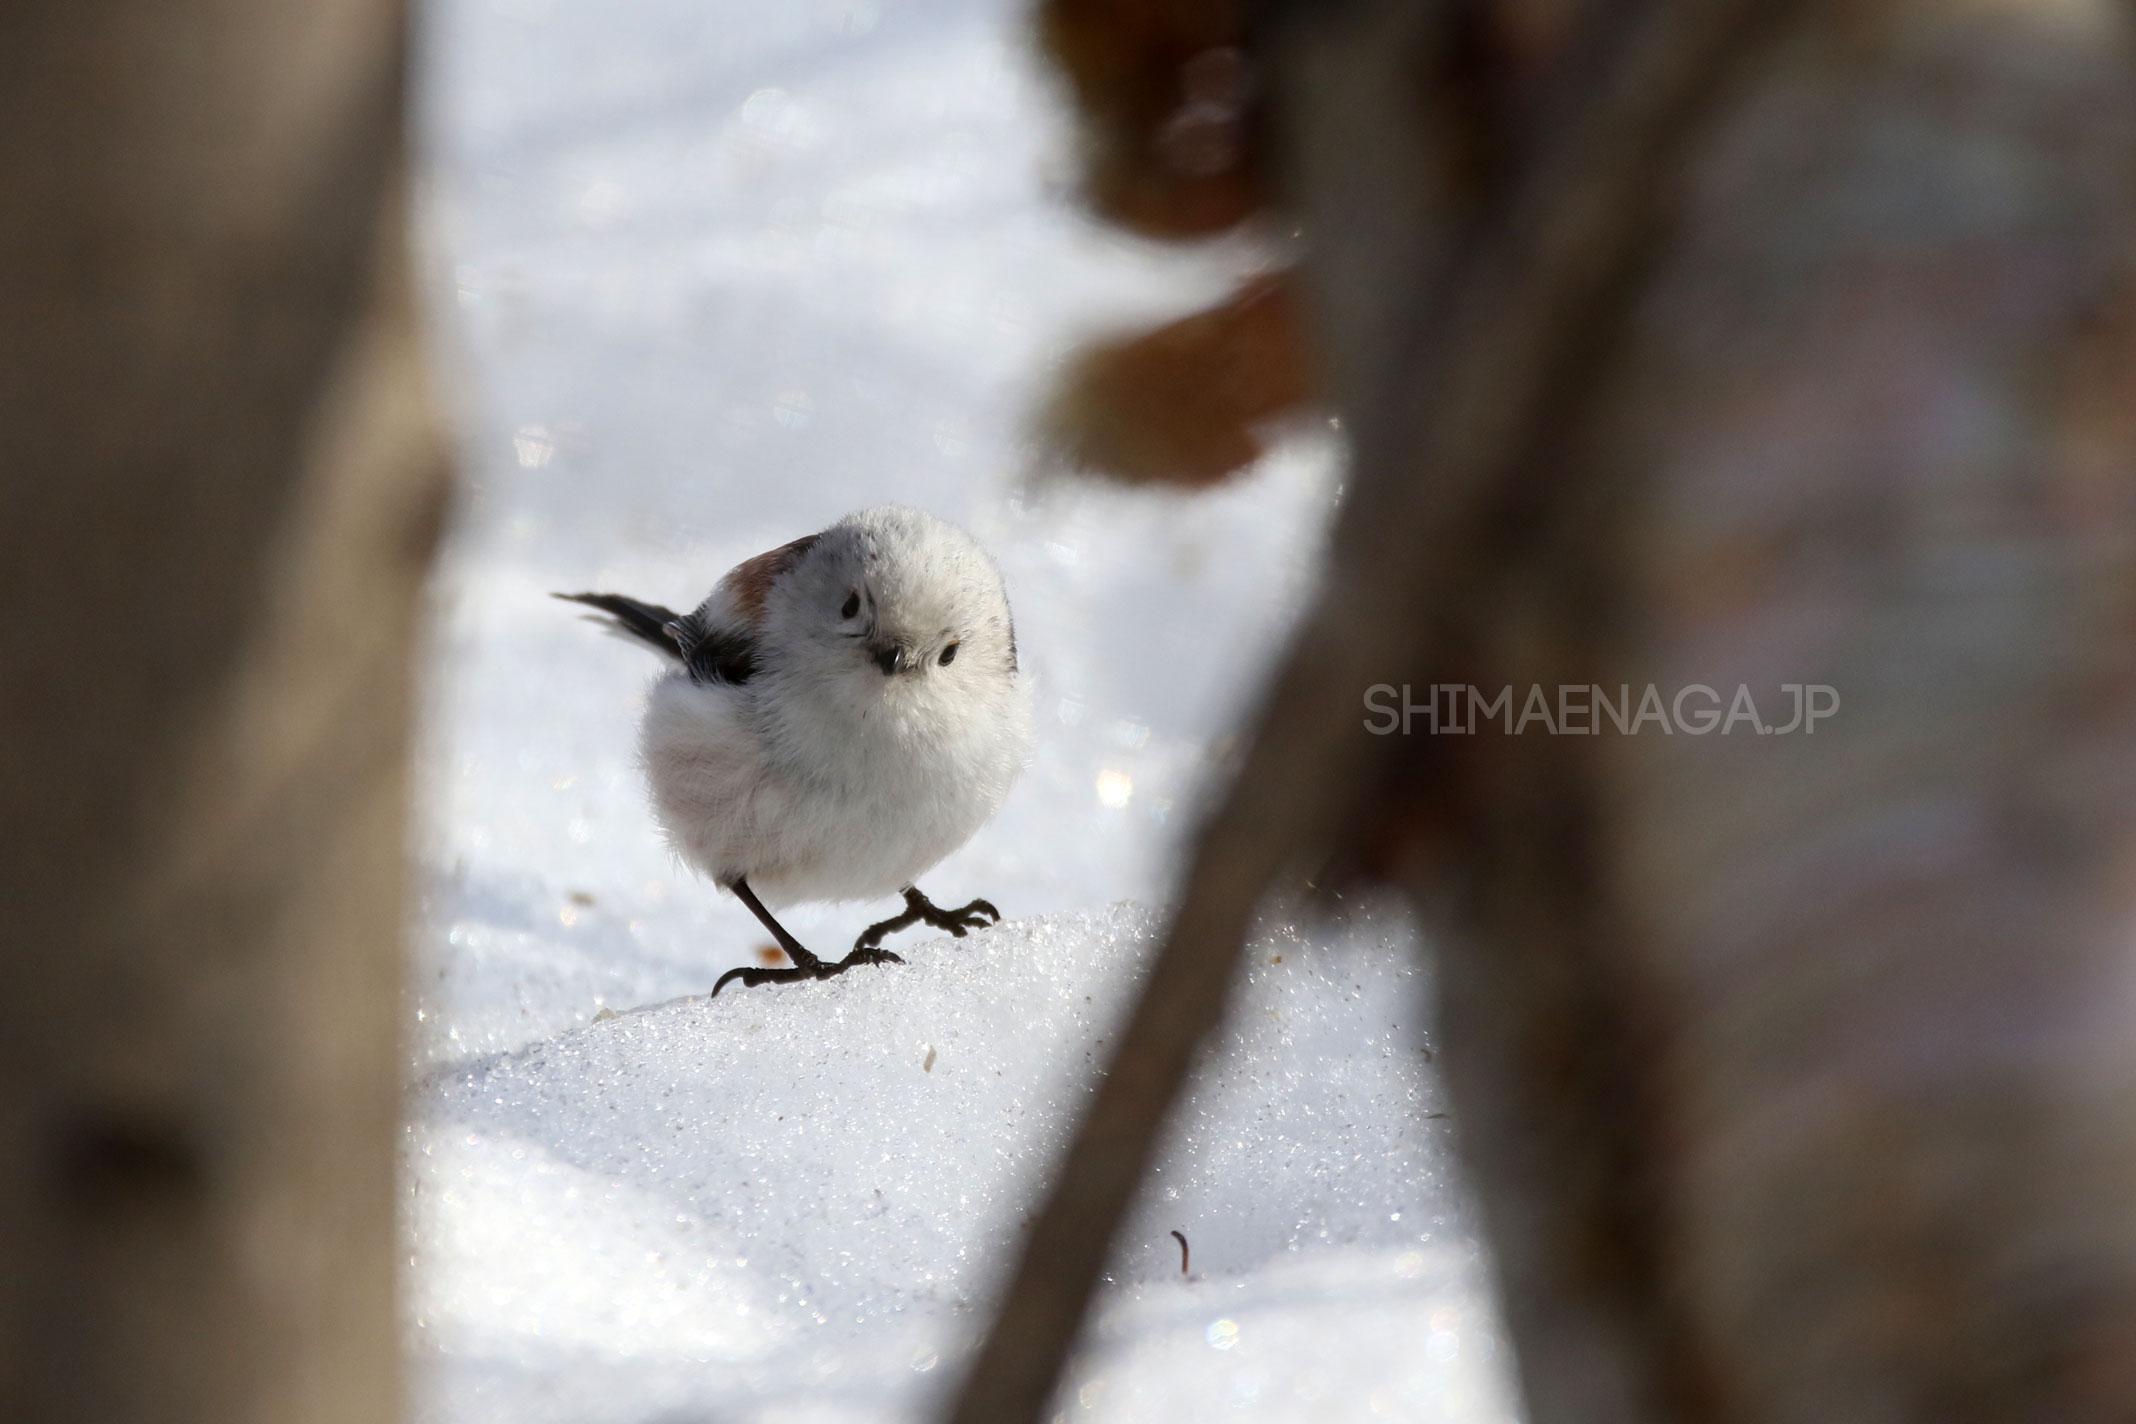 雪上のシマエナガ